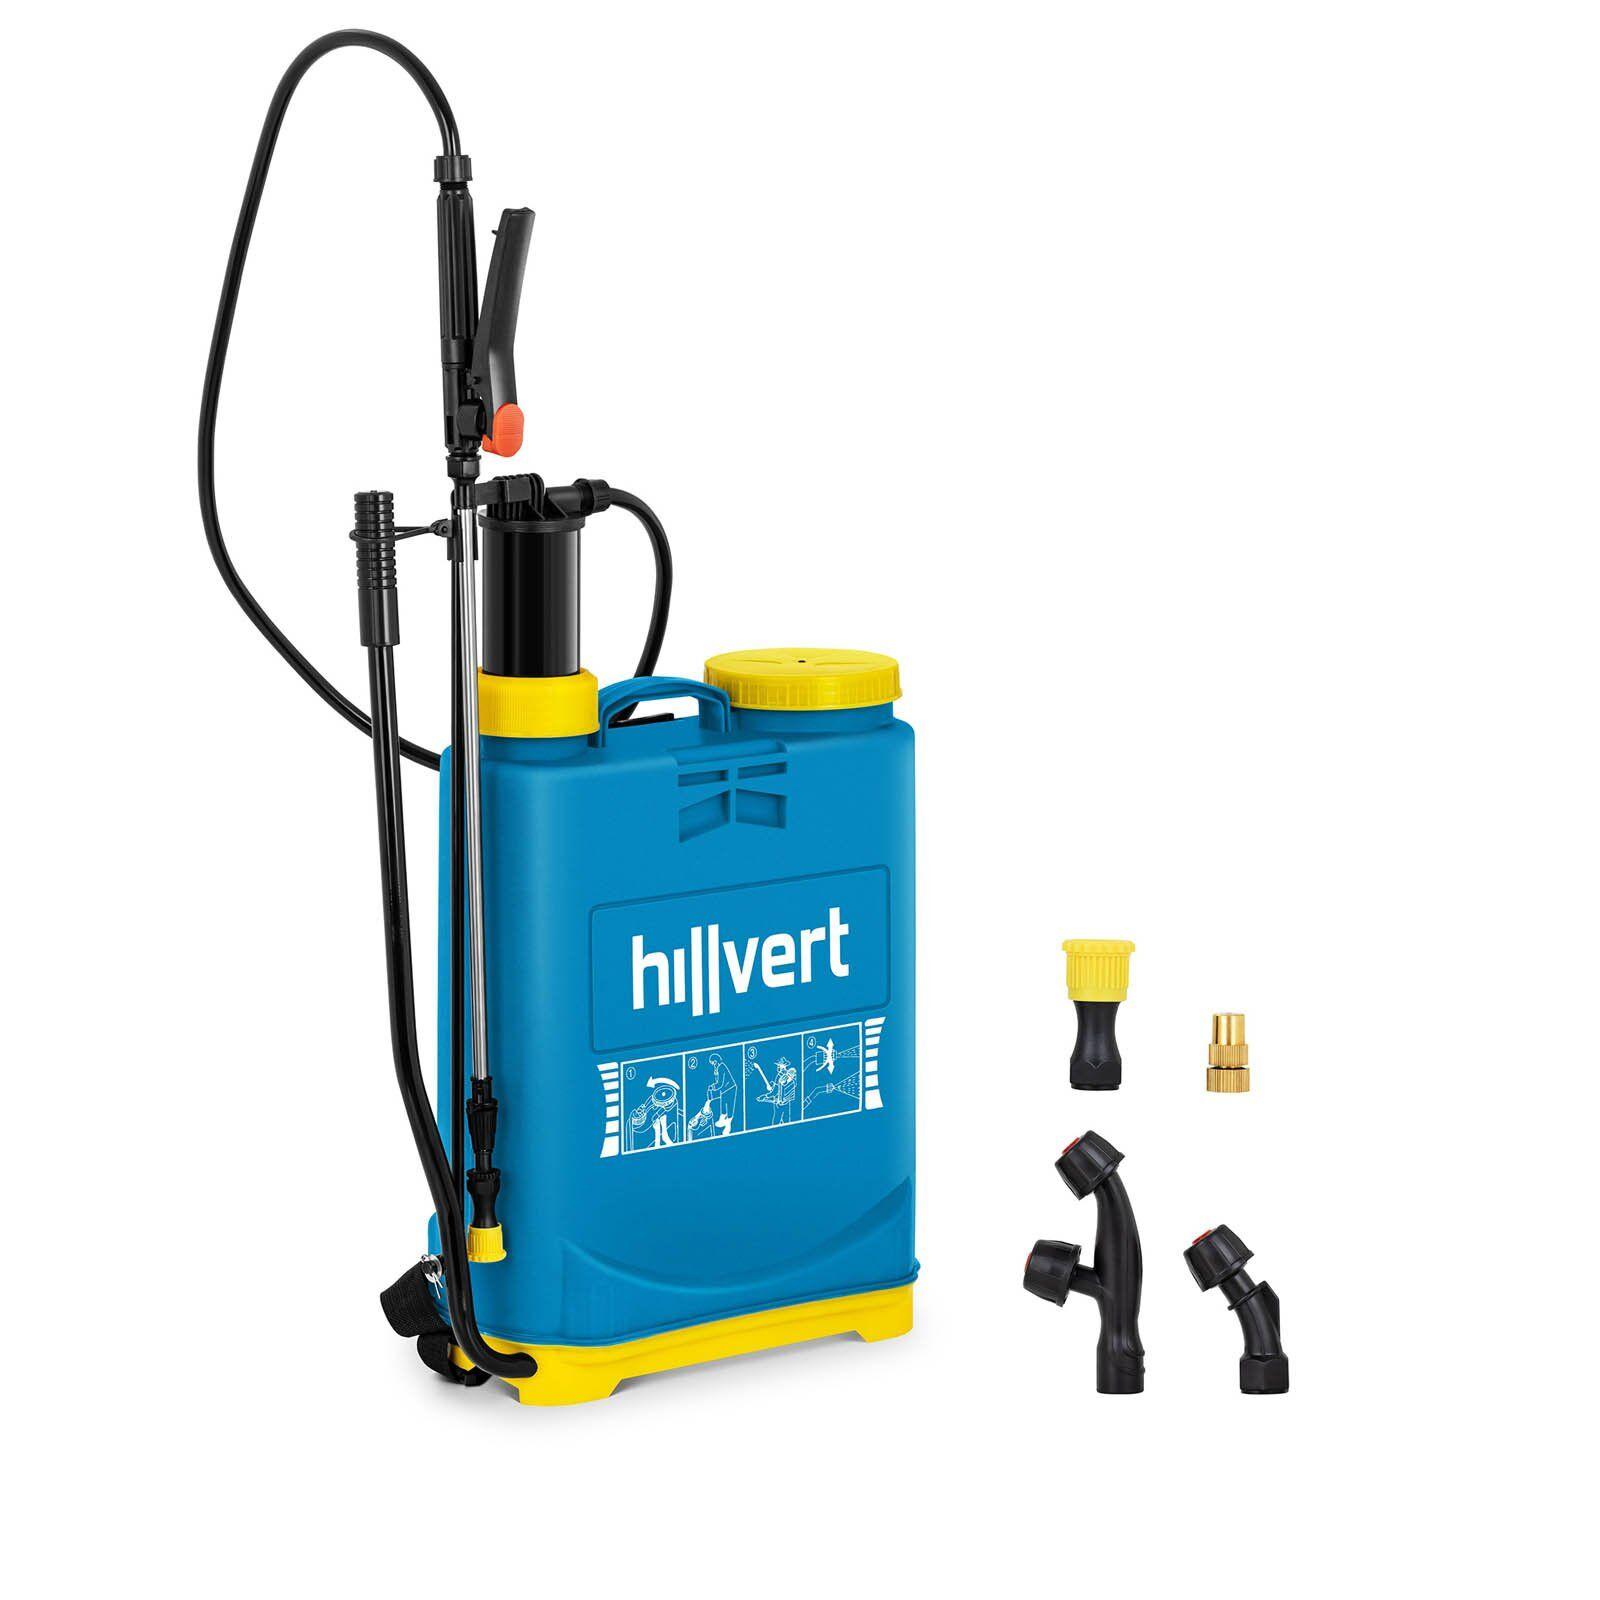 hillvert Pulvérisateur manuel - 16 l HT-COLUMBIA-16L